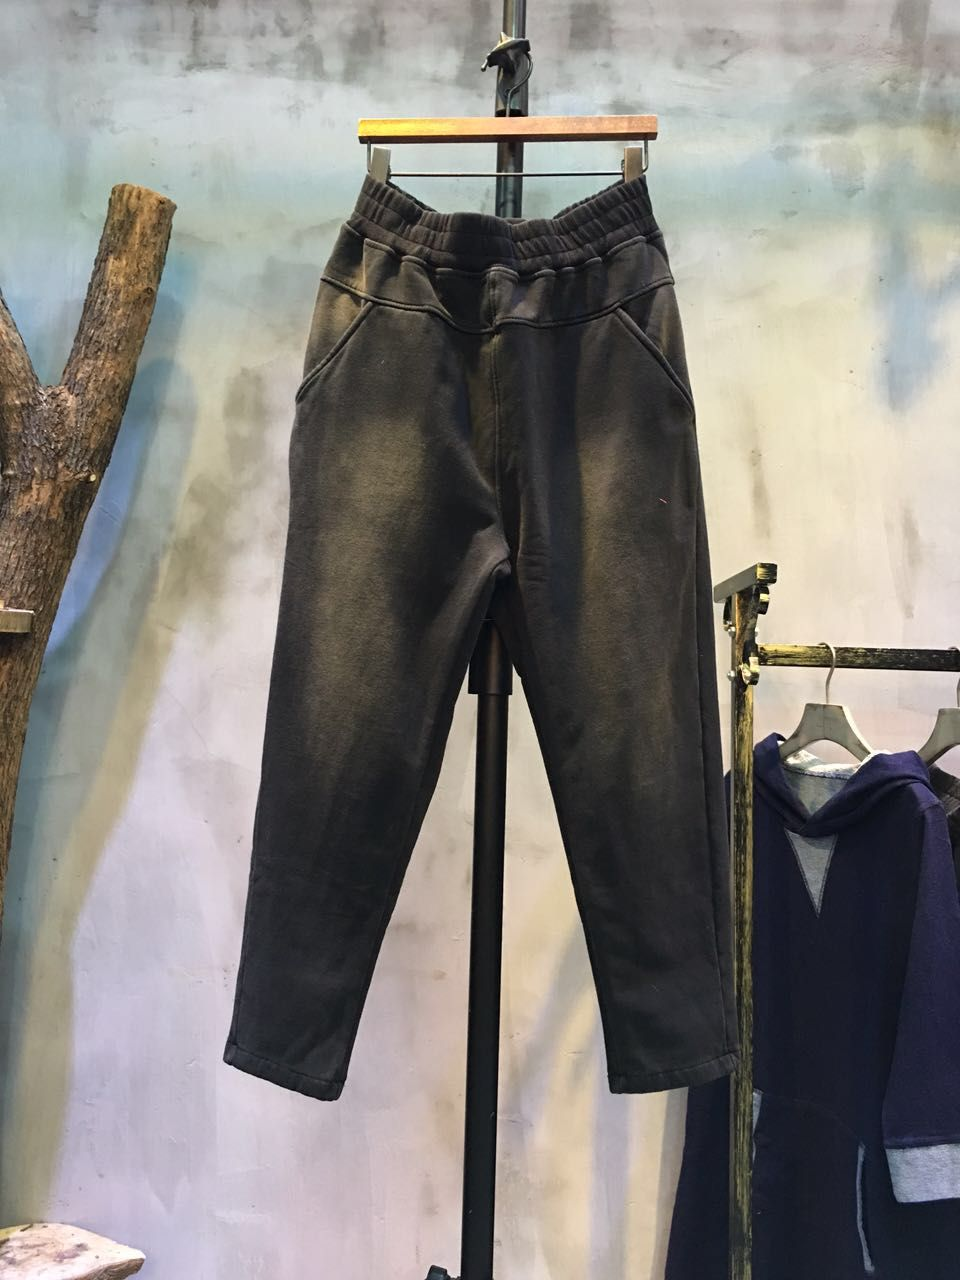 New Arrival Color Faded Cheap Baggy Pants Plain Cotton Pants #baggy #loose #large #harem #pants #black #cheap #wholesale #dropshipper